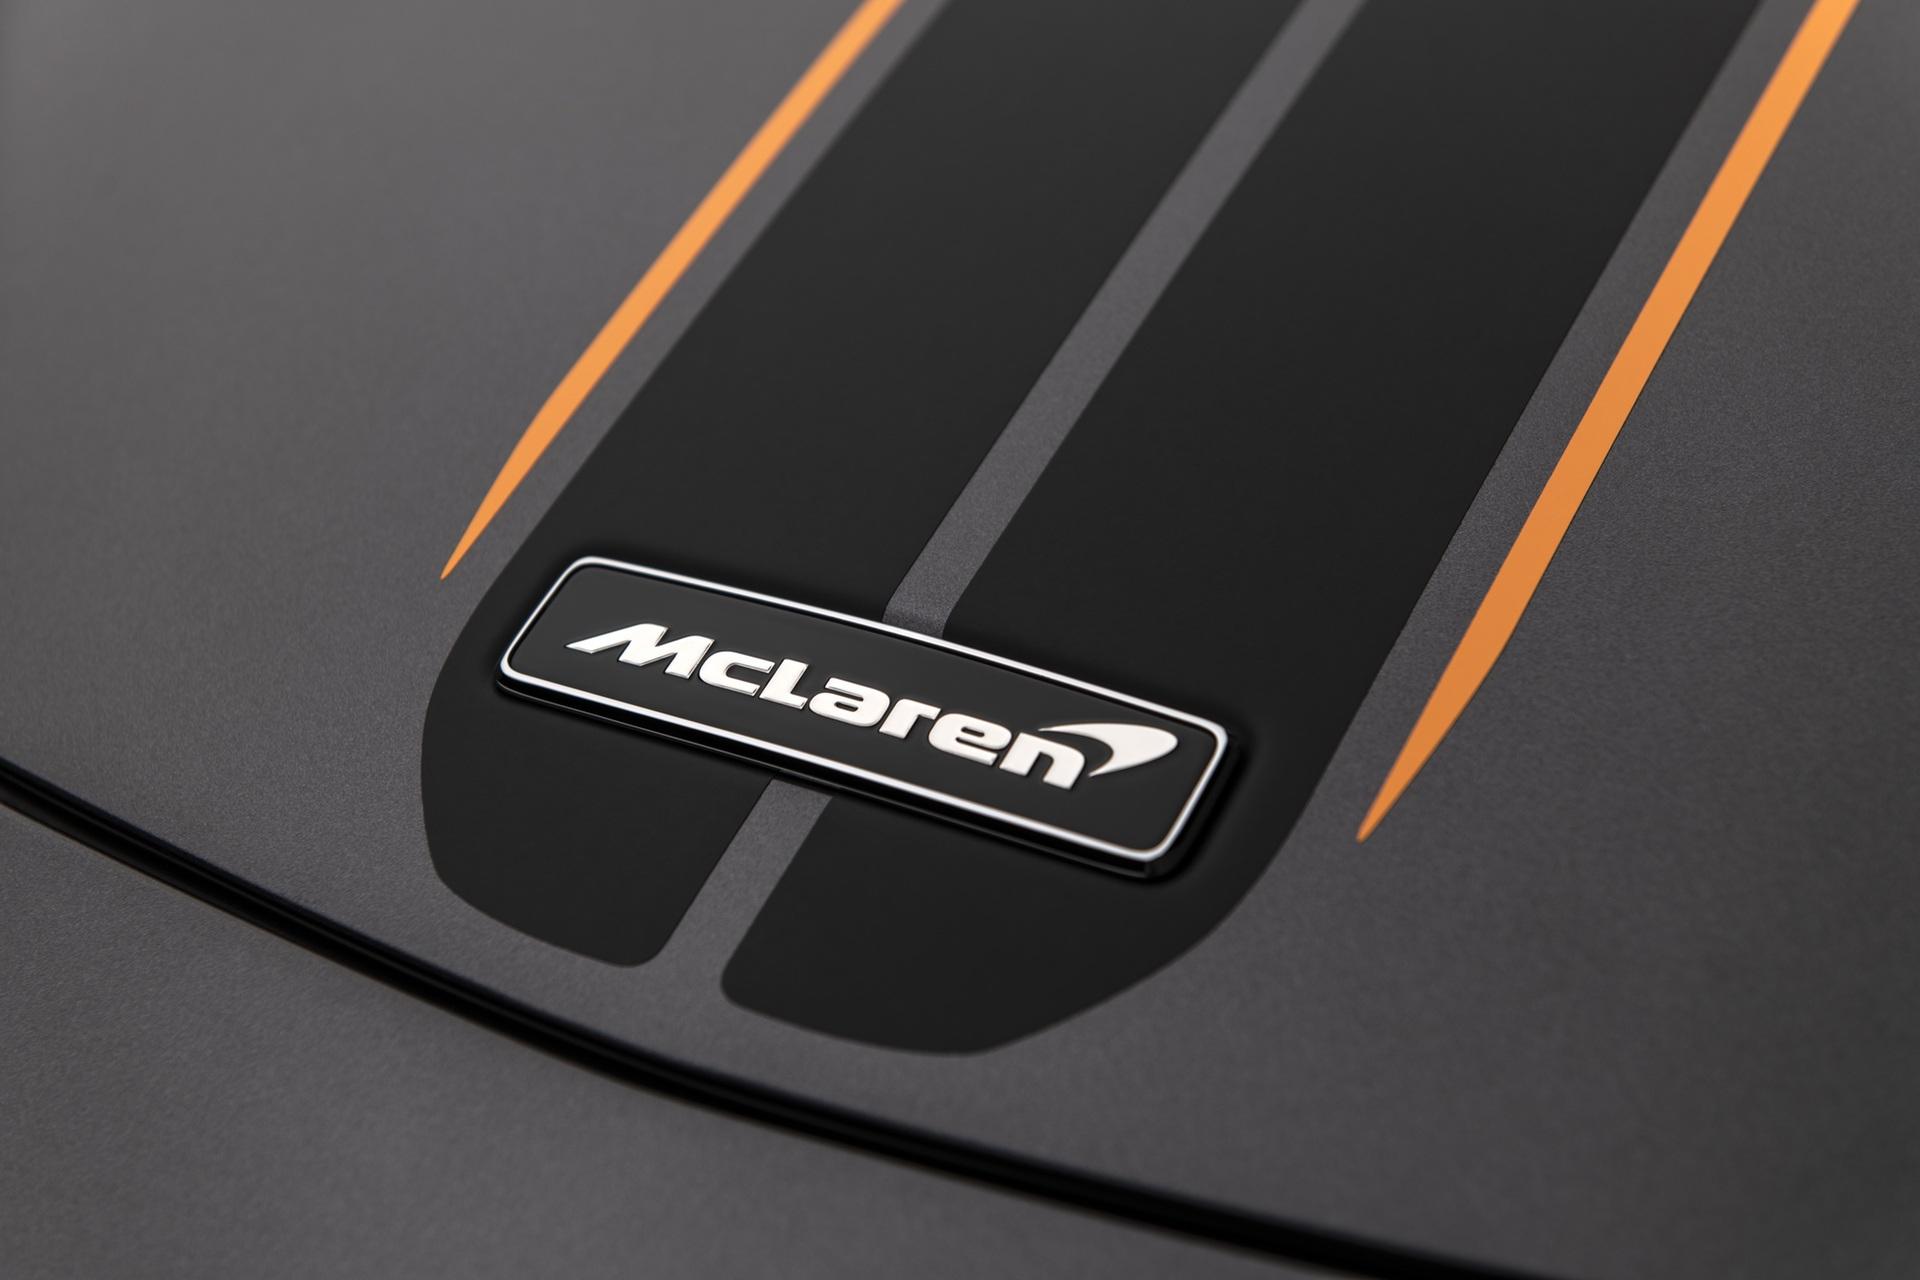 McLaren_600LT_by_MSO_0008